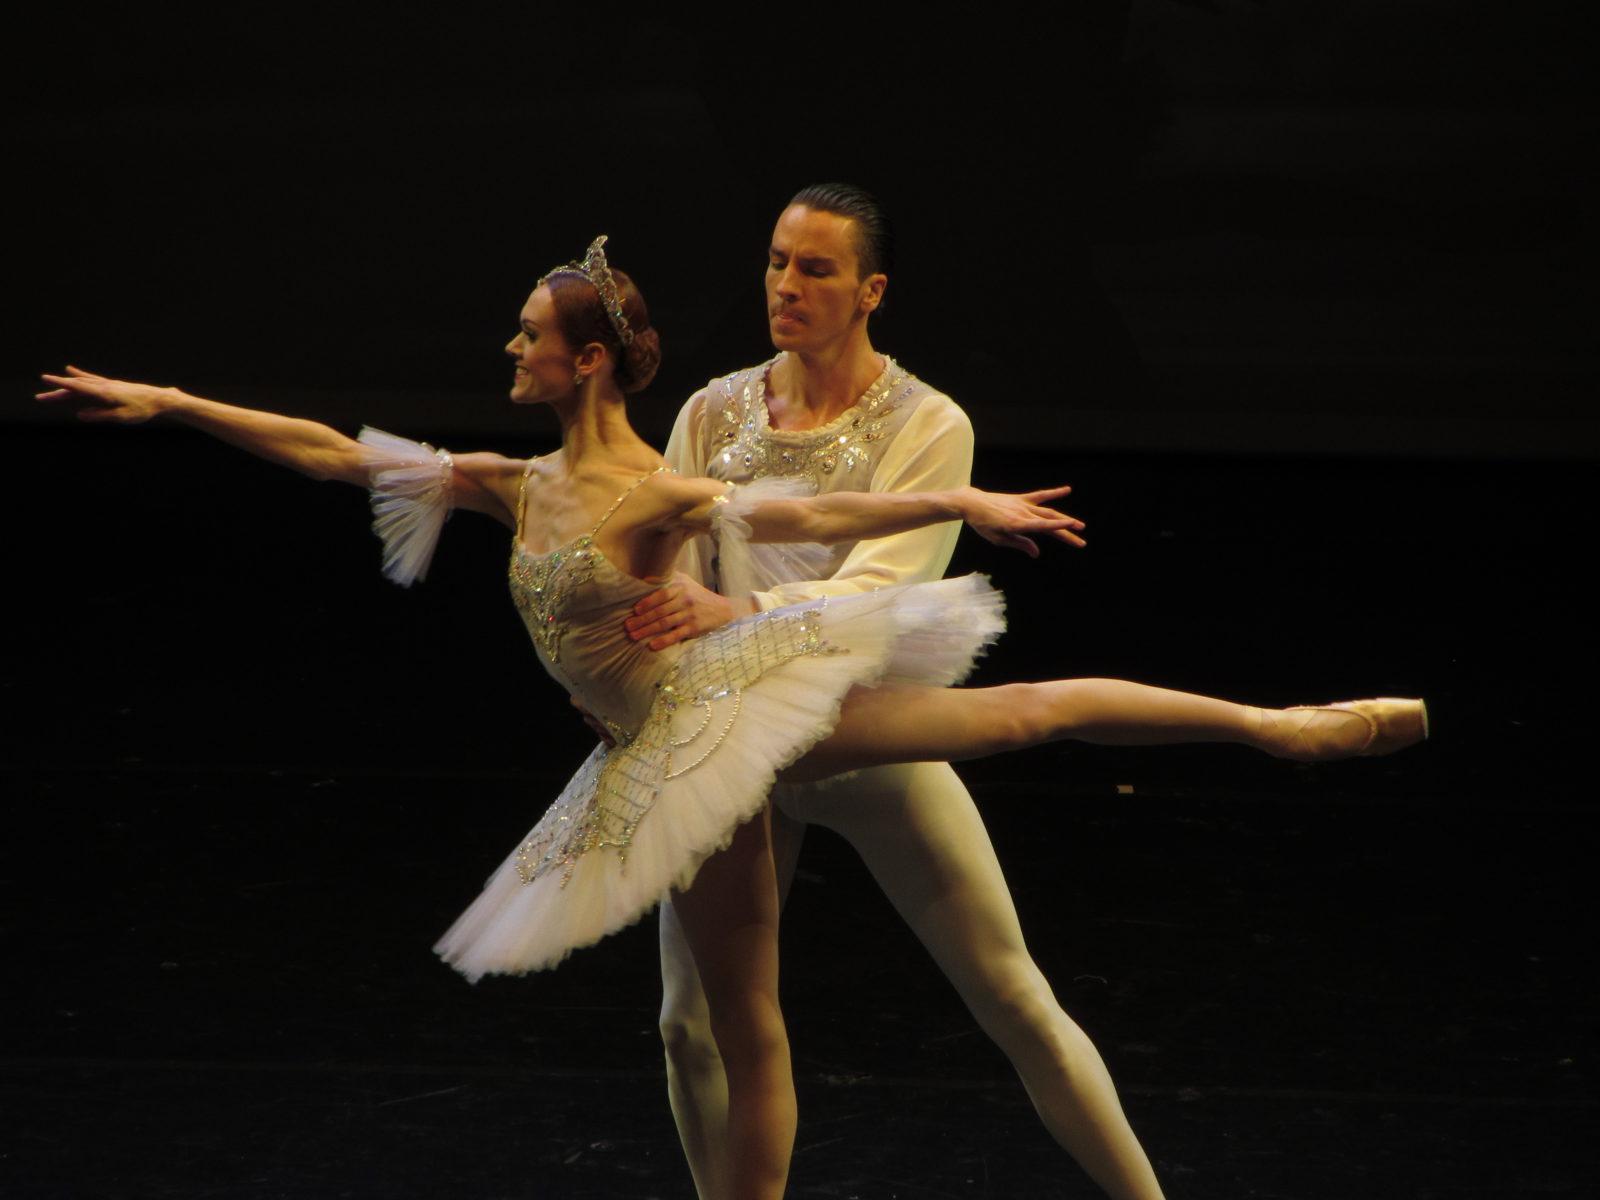 Мастер-класс открыл 2-ой день интернационального праздника балета вКрасноярске